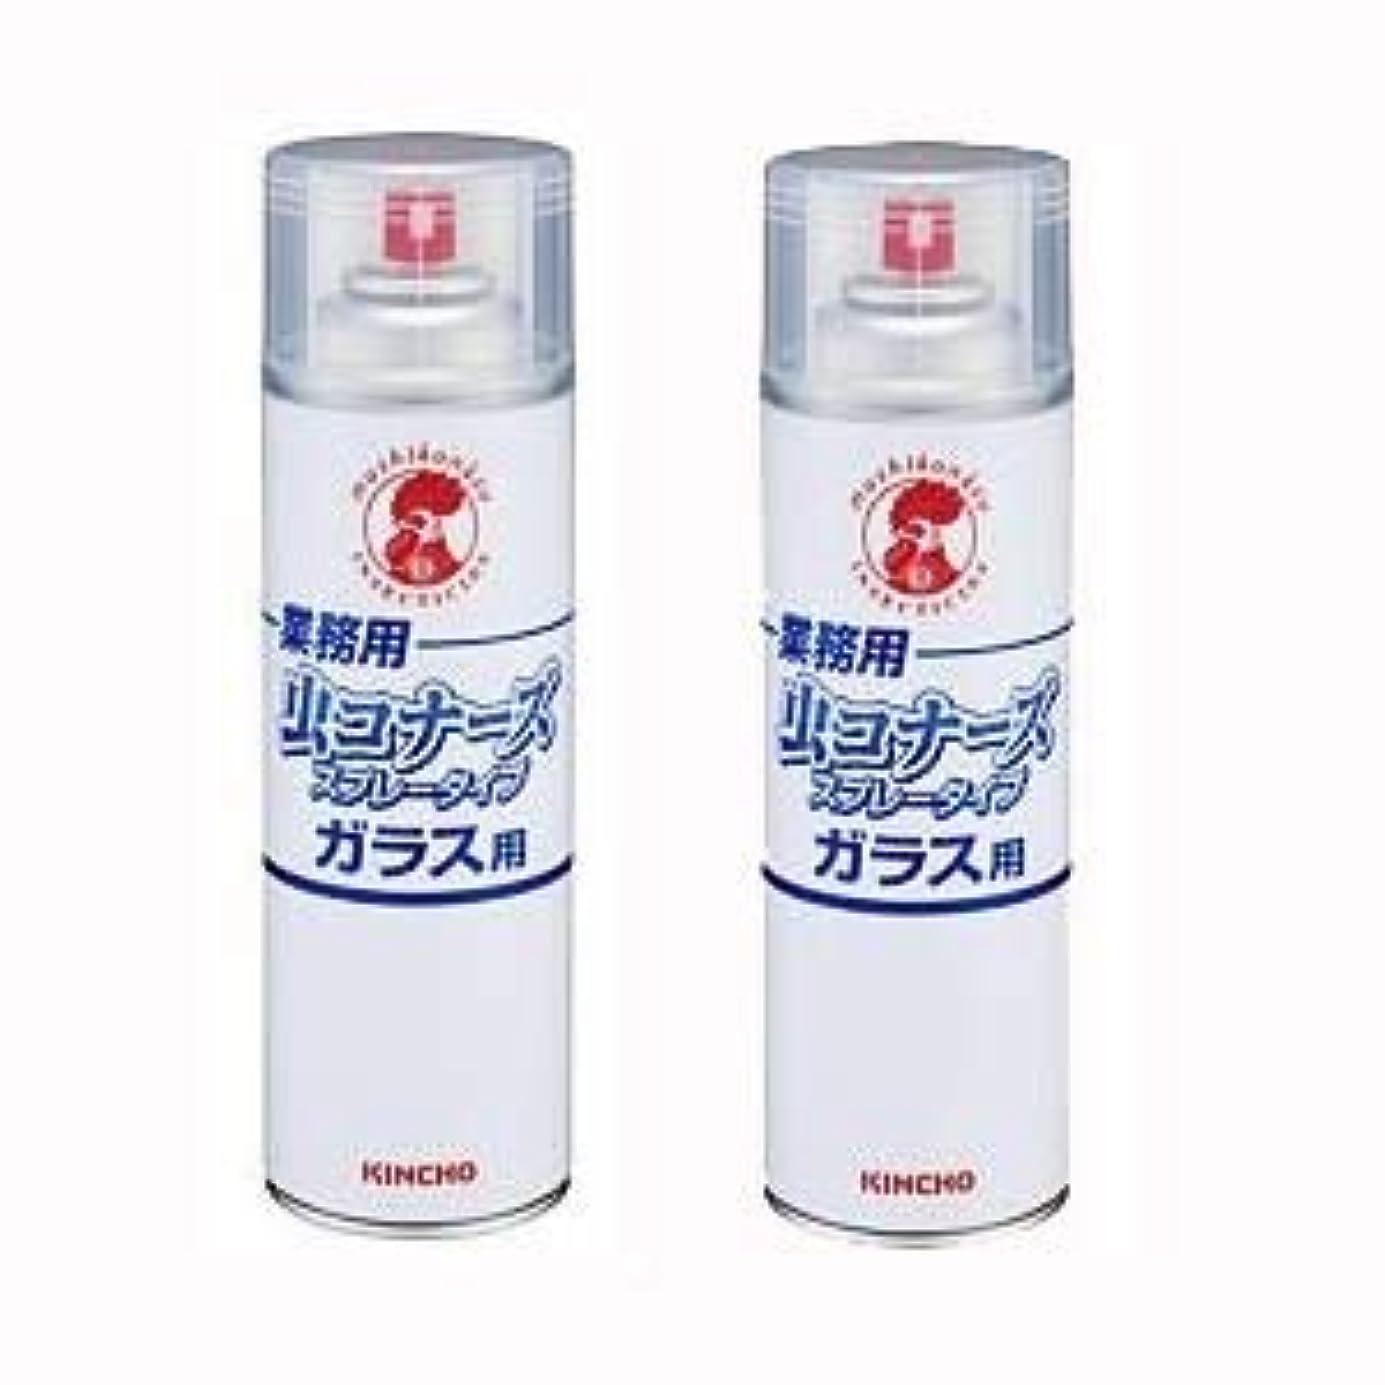 大日本除蟲菊 業務用虫コナーズ スプレータイプ(ガラス用) ×2セット